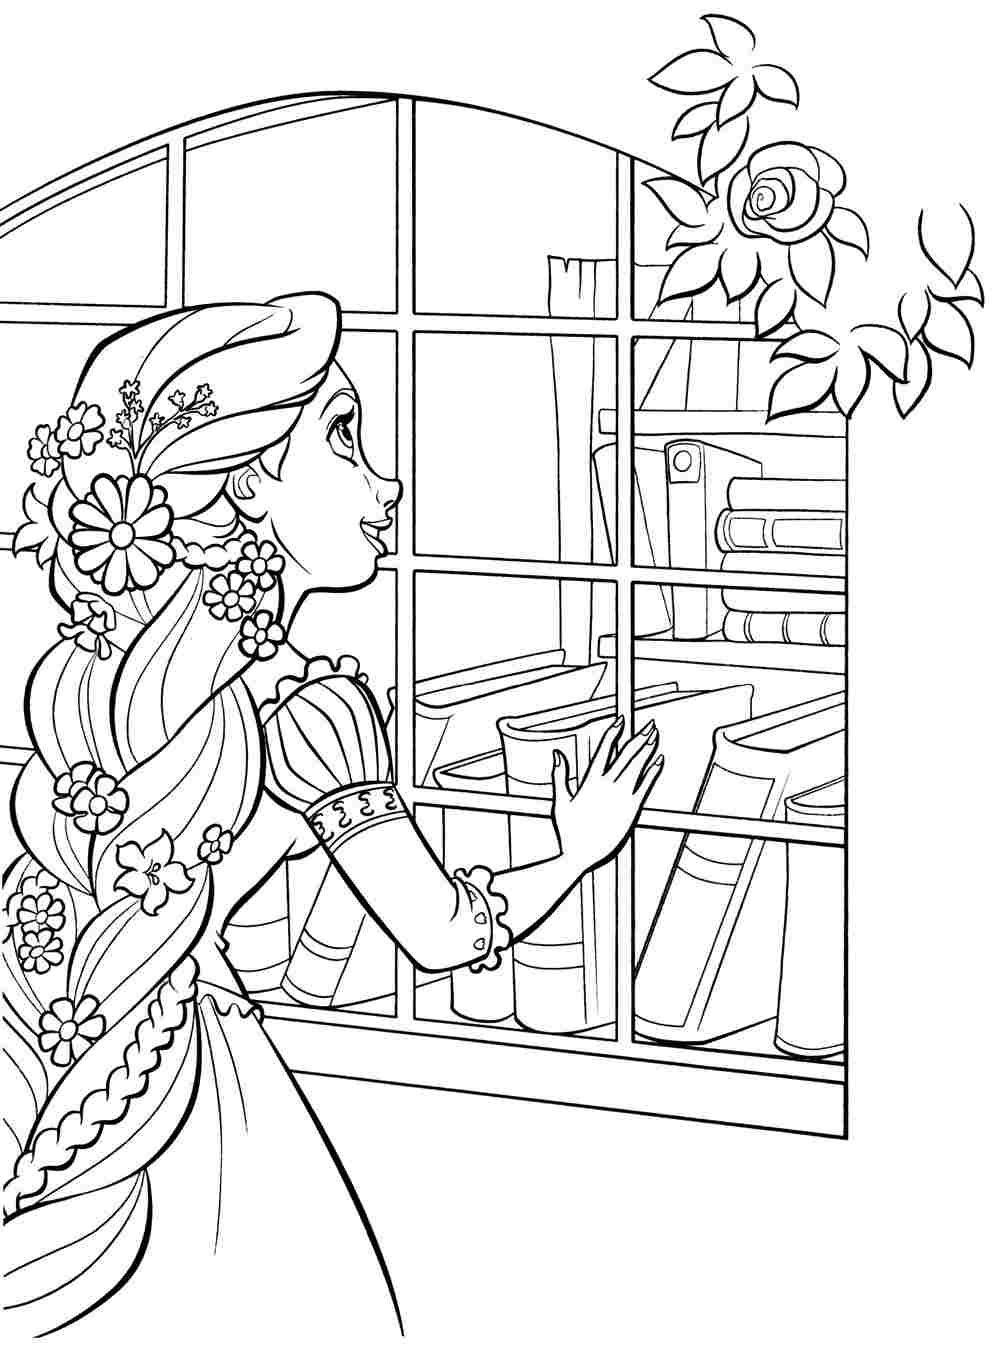 Раскраска Рапунцель с цветами в волосах | Раскраски ...